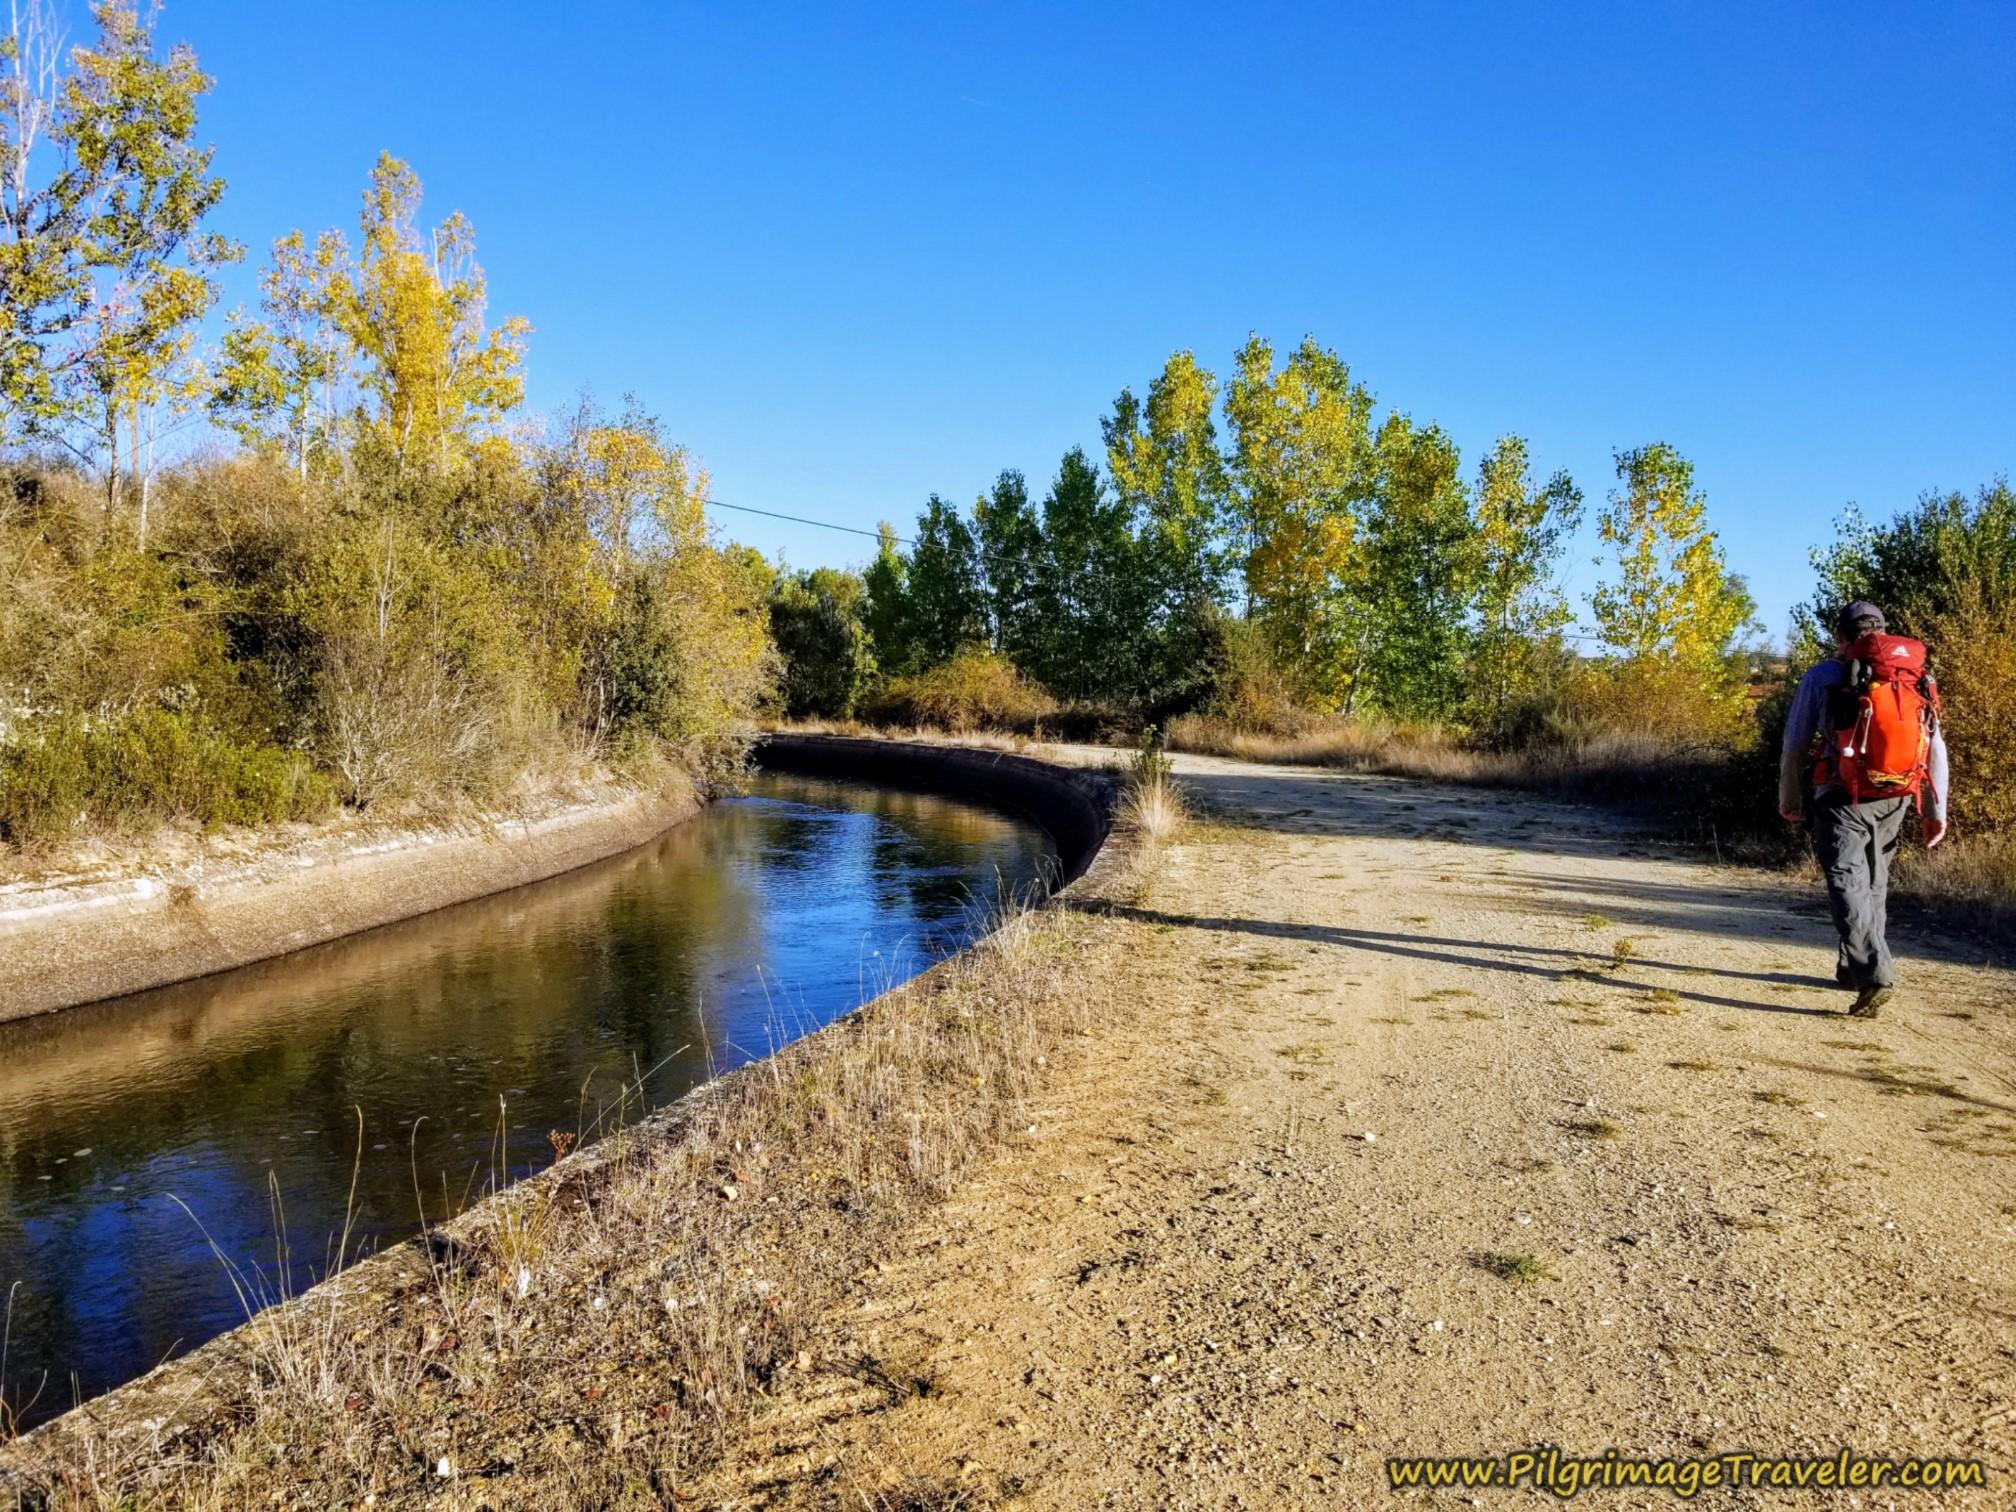 Following the Canal Margen Derecho del Tera on the Camino Sanabrés from Santa Marta de Tera to Rionegro del Puente